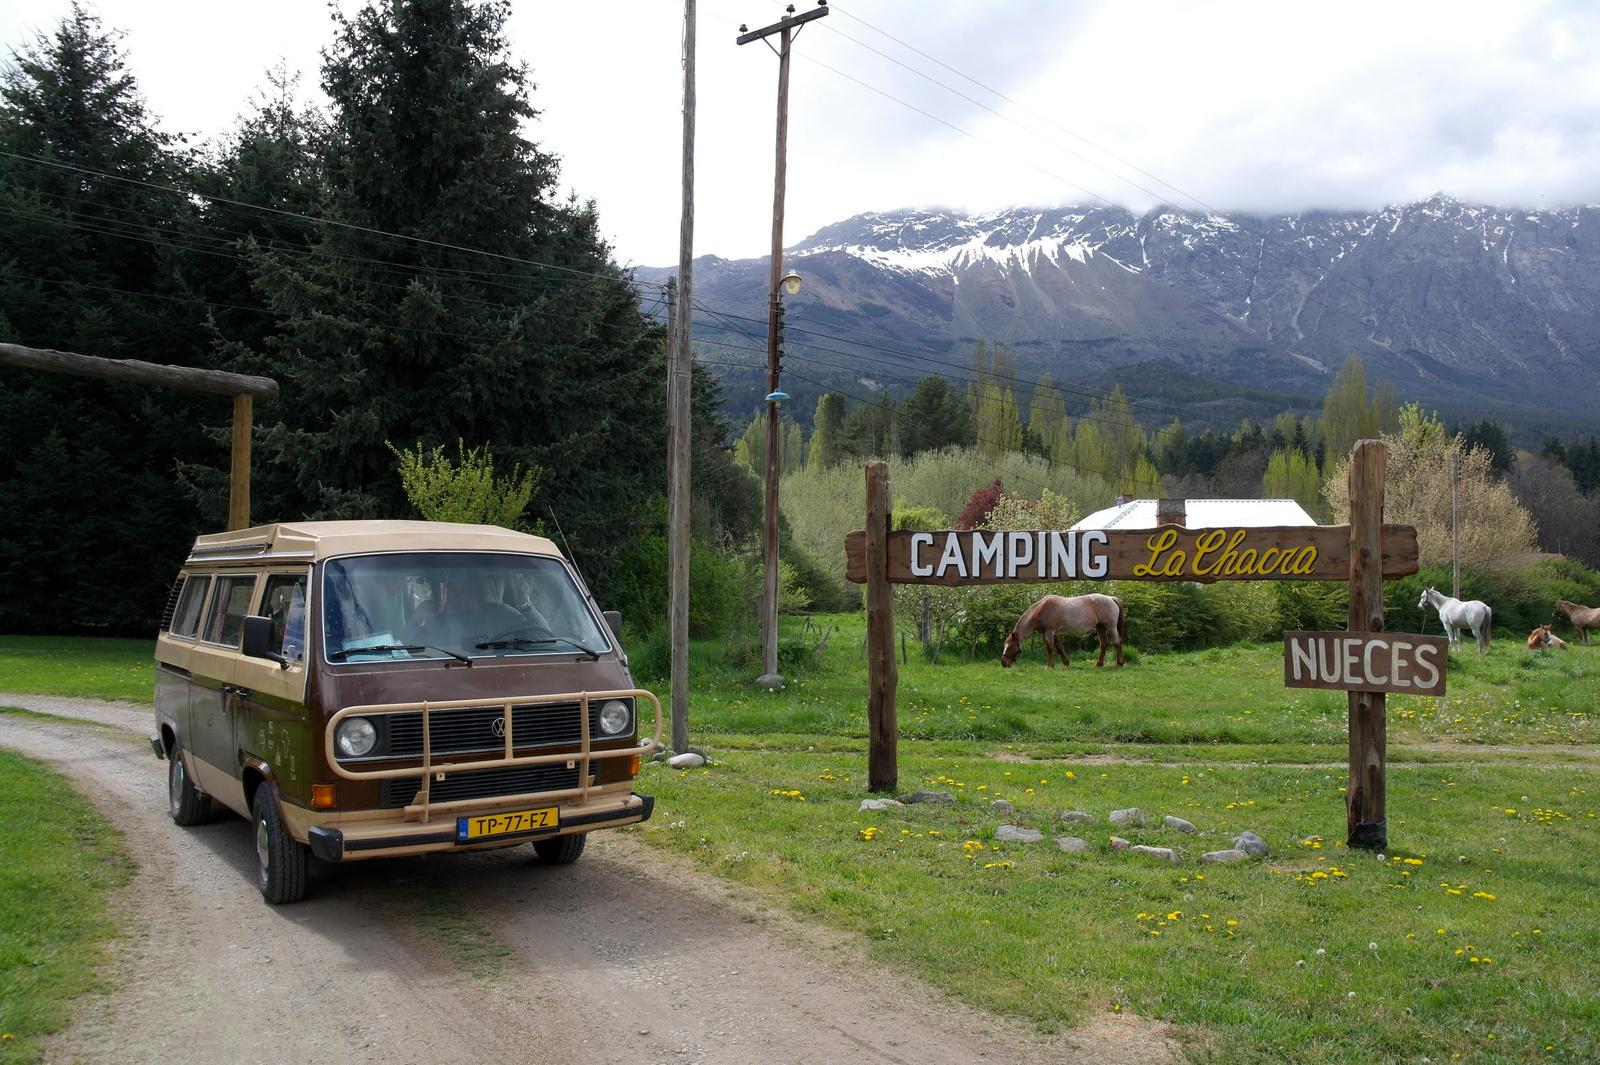 20 Camping La Chacra waar we kamperen